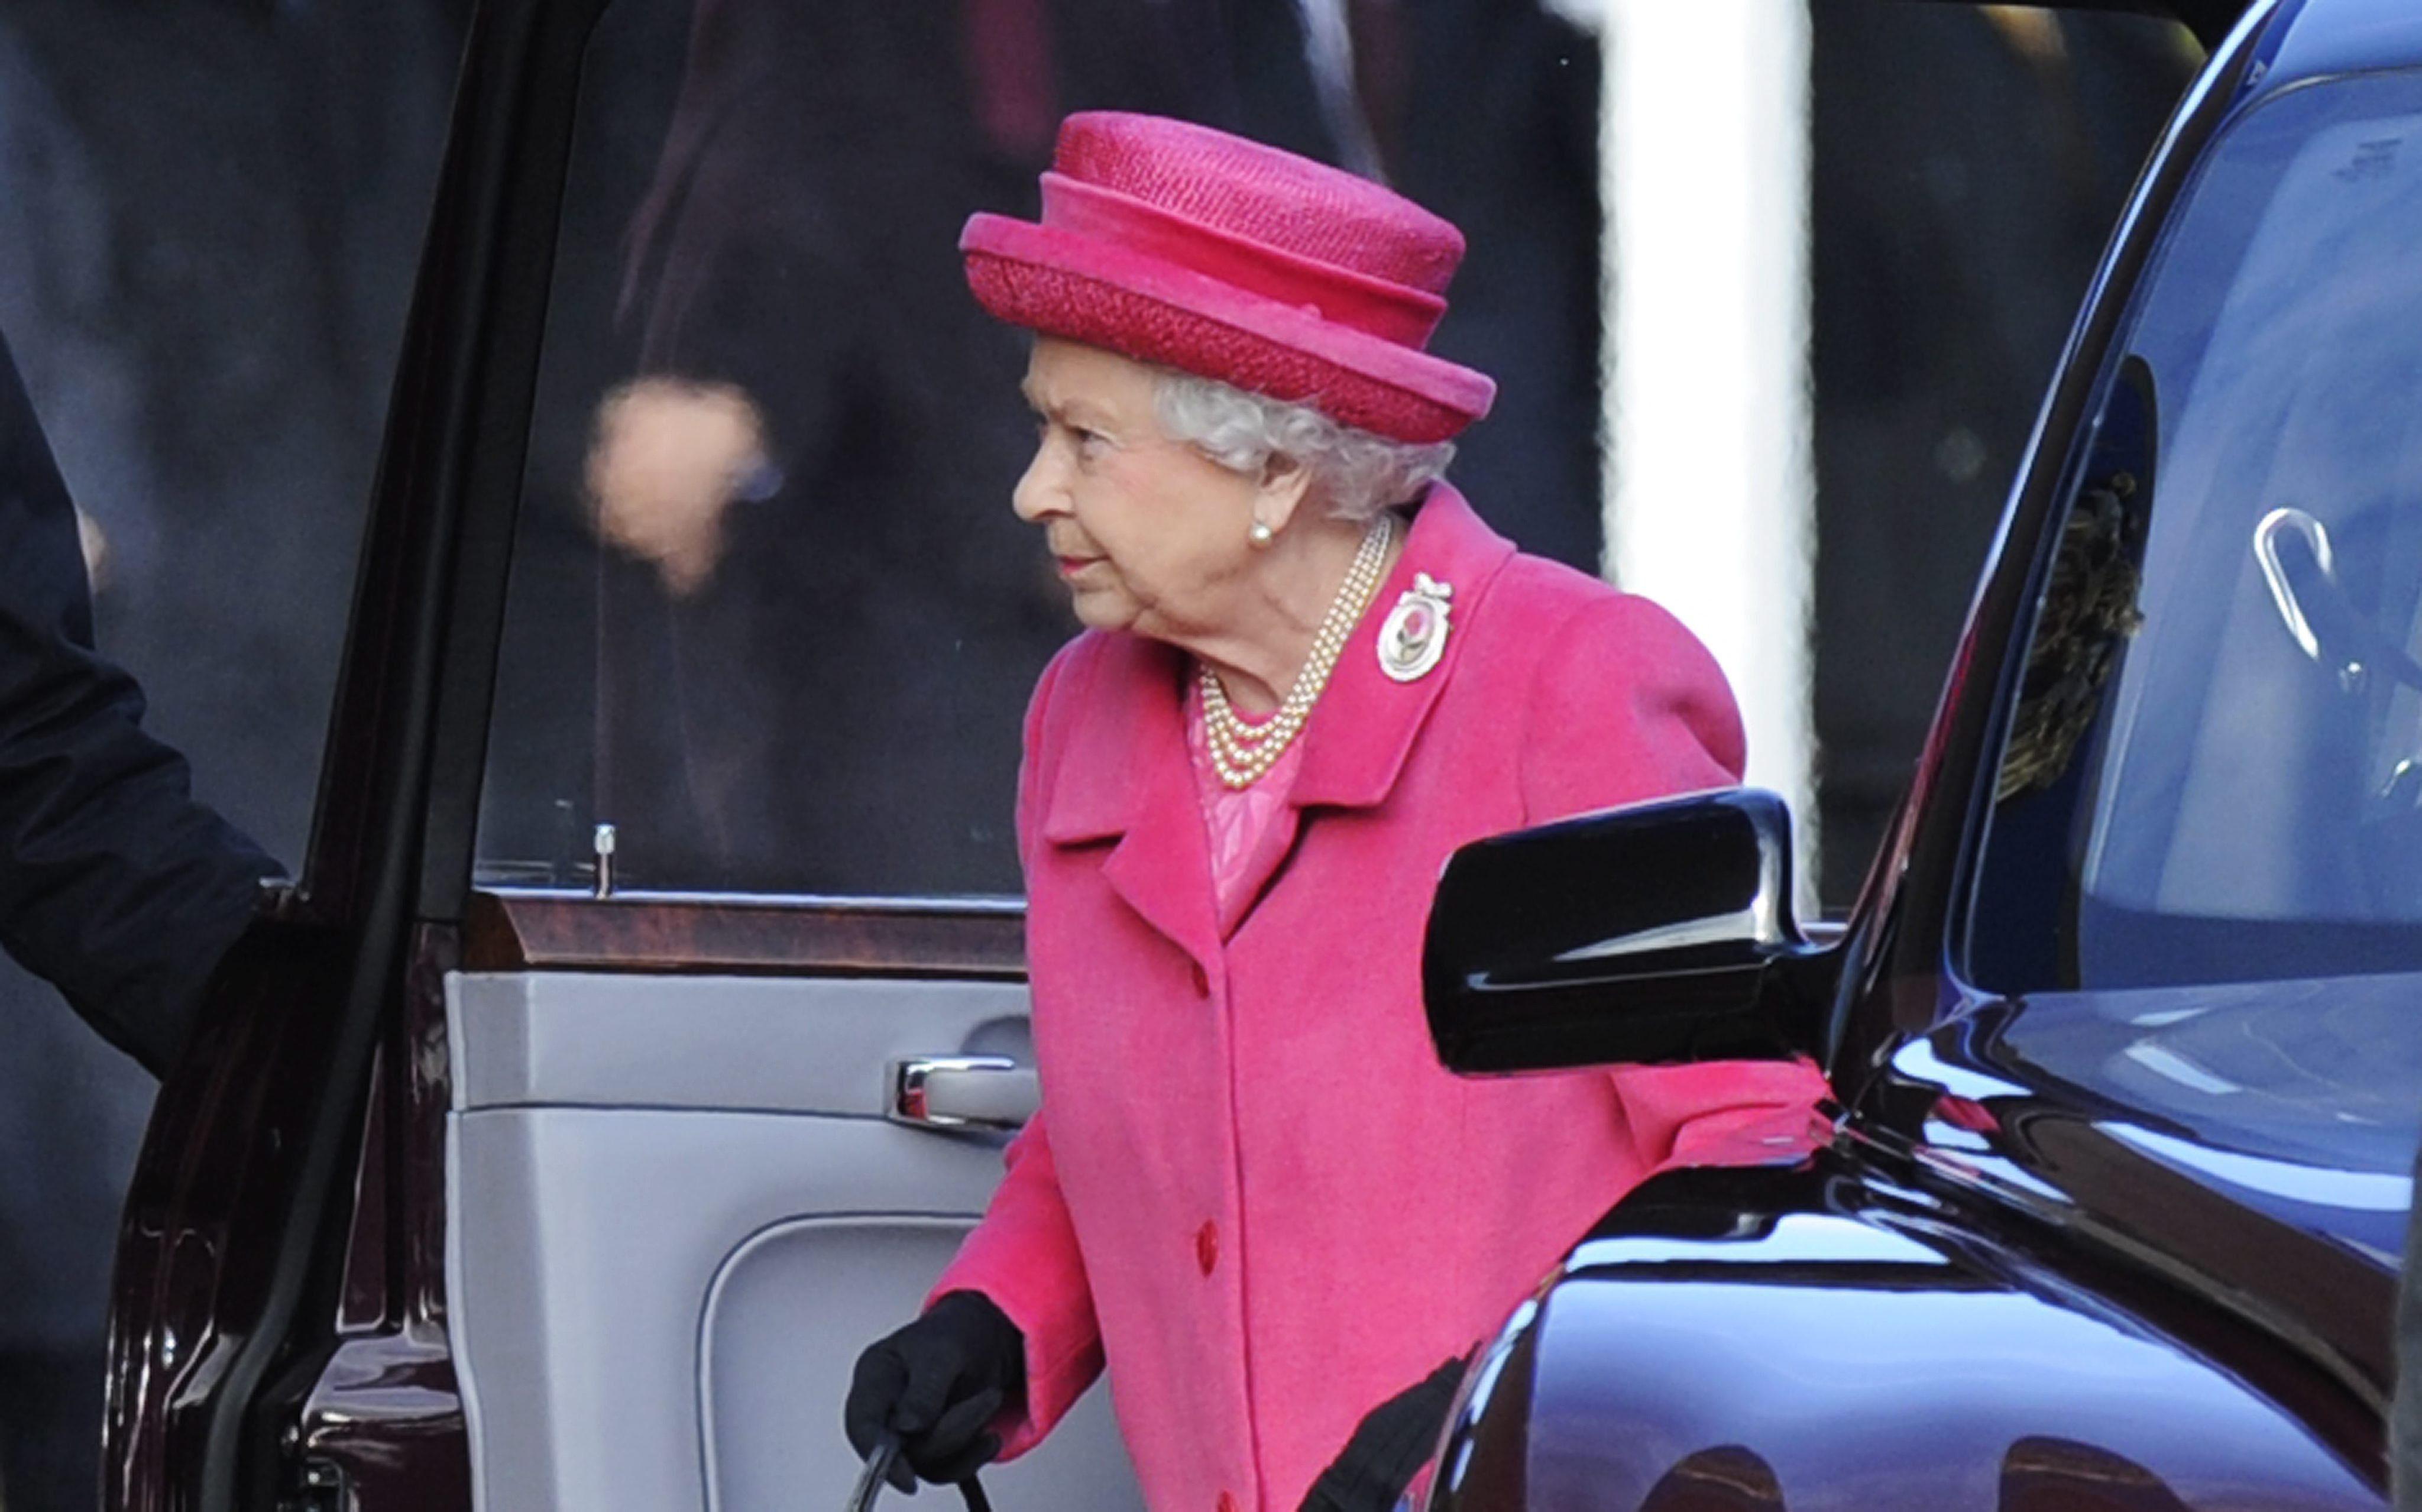 Un exdirigente del IRA asistirá a una cena de Estado con la reina de Inglaterra